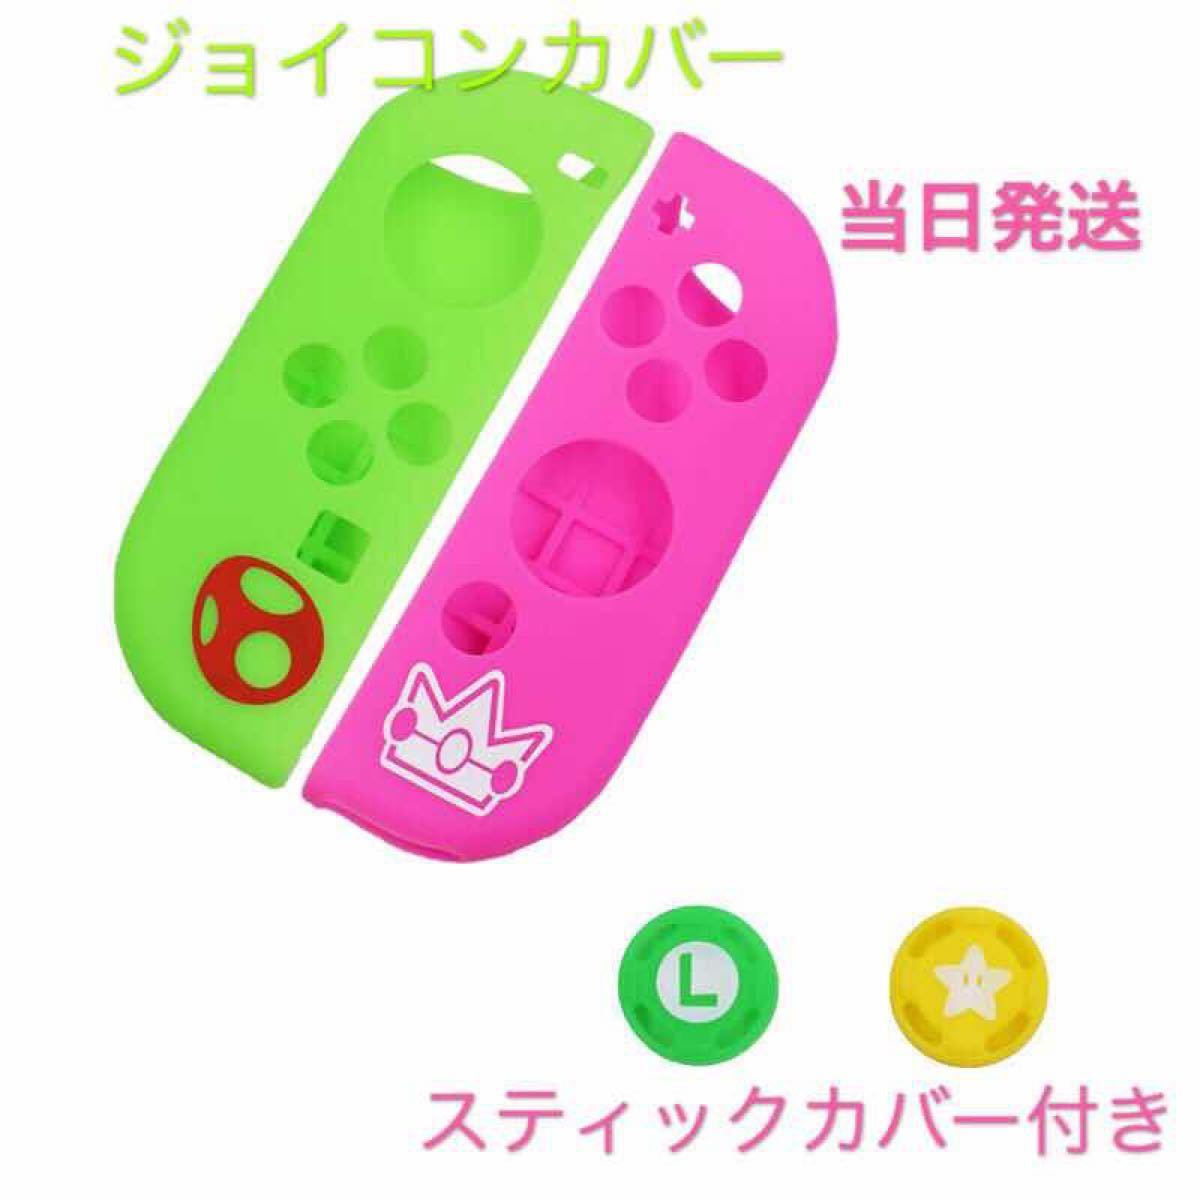 任天堂Switch ジョイコンカバー スイッチスティックカバー付き